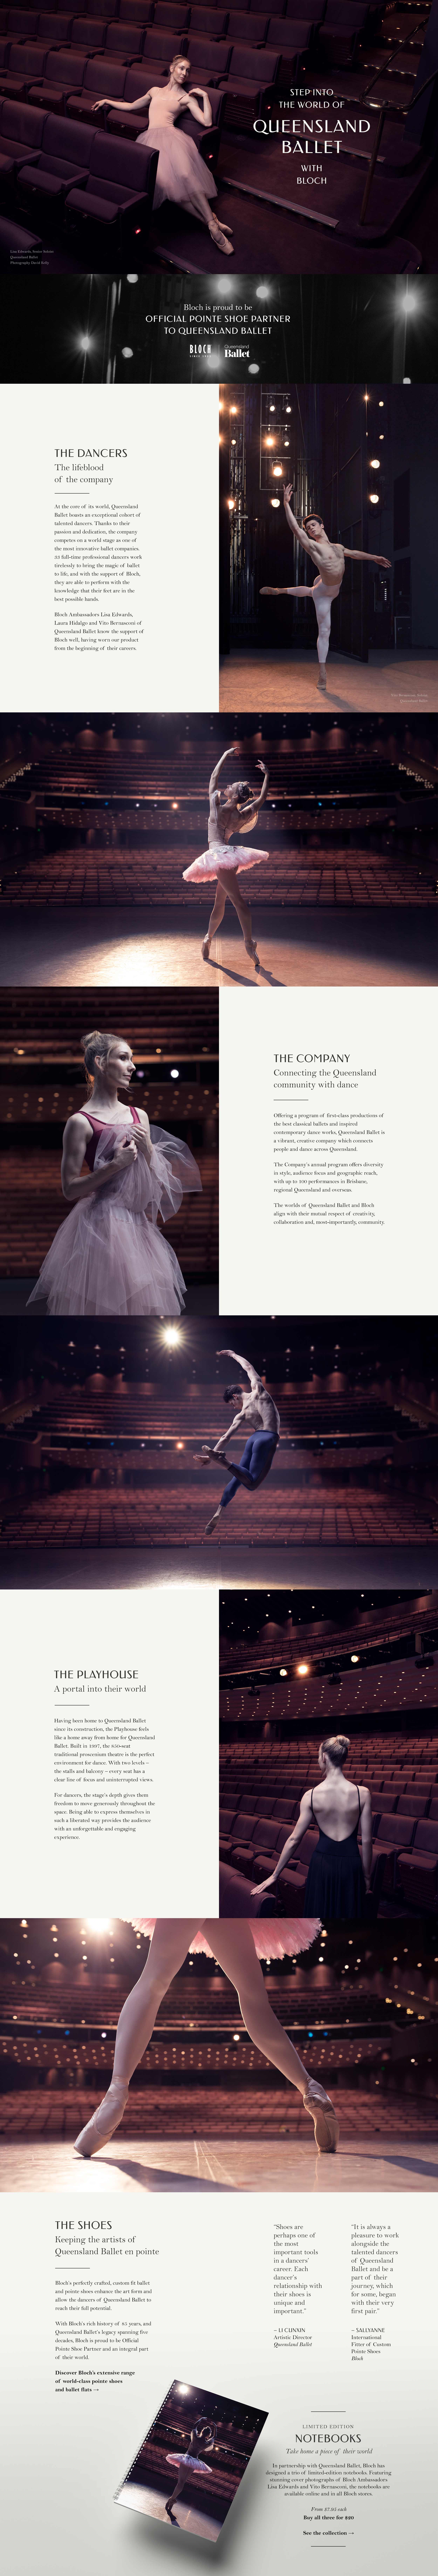 Queensland Ballet landing page